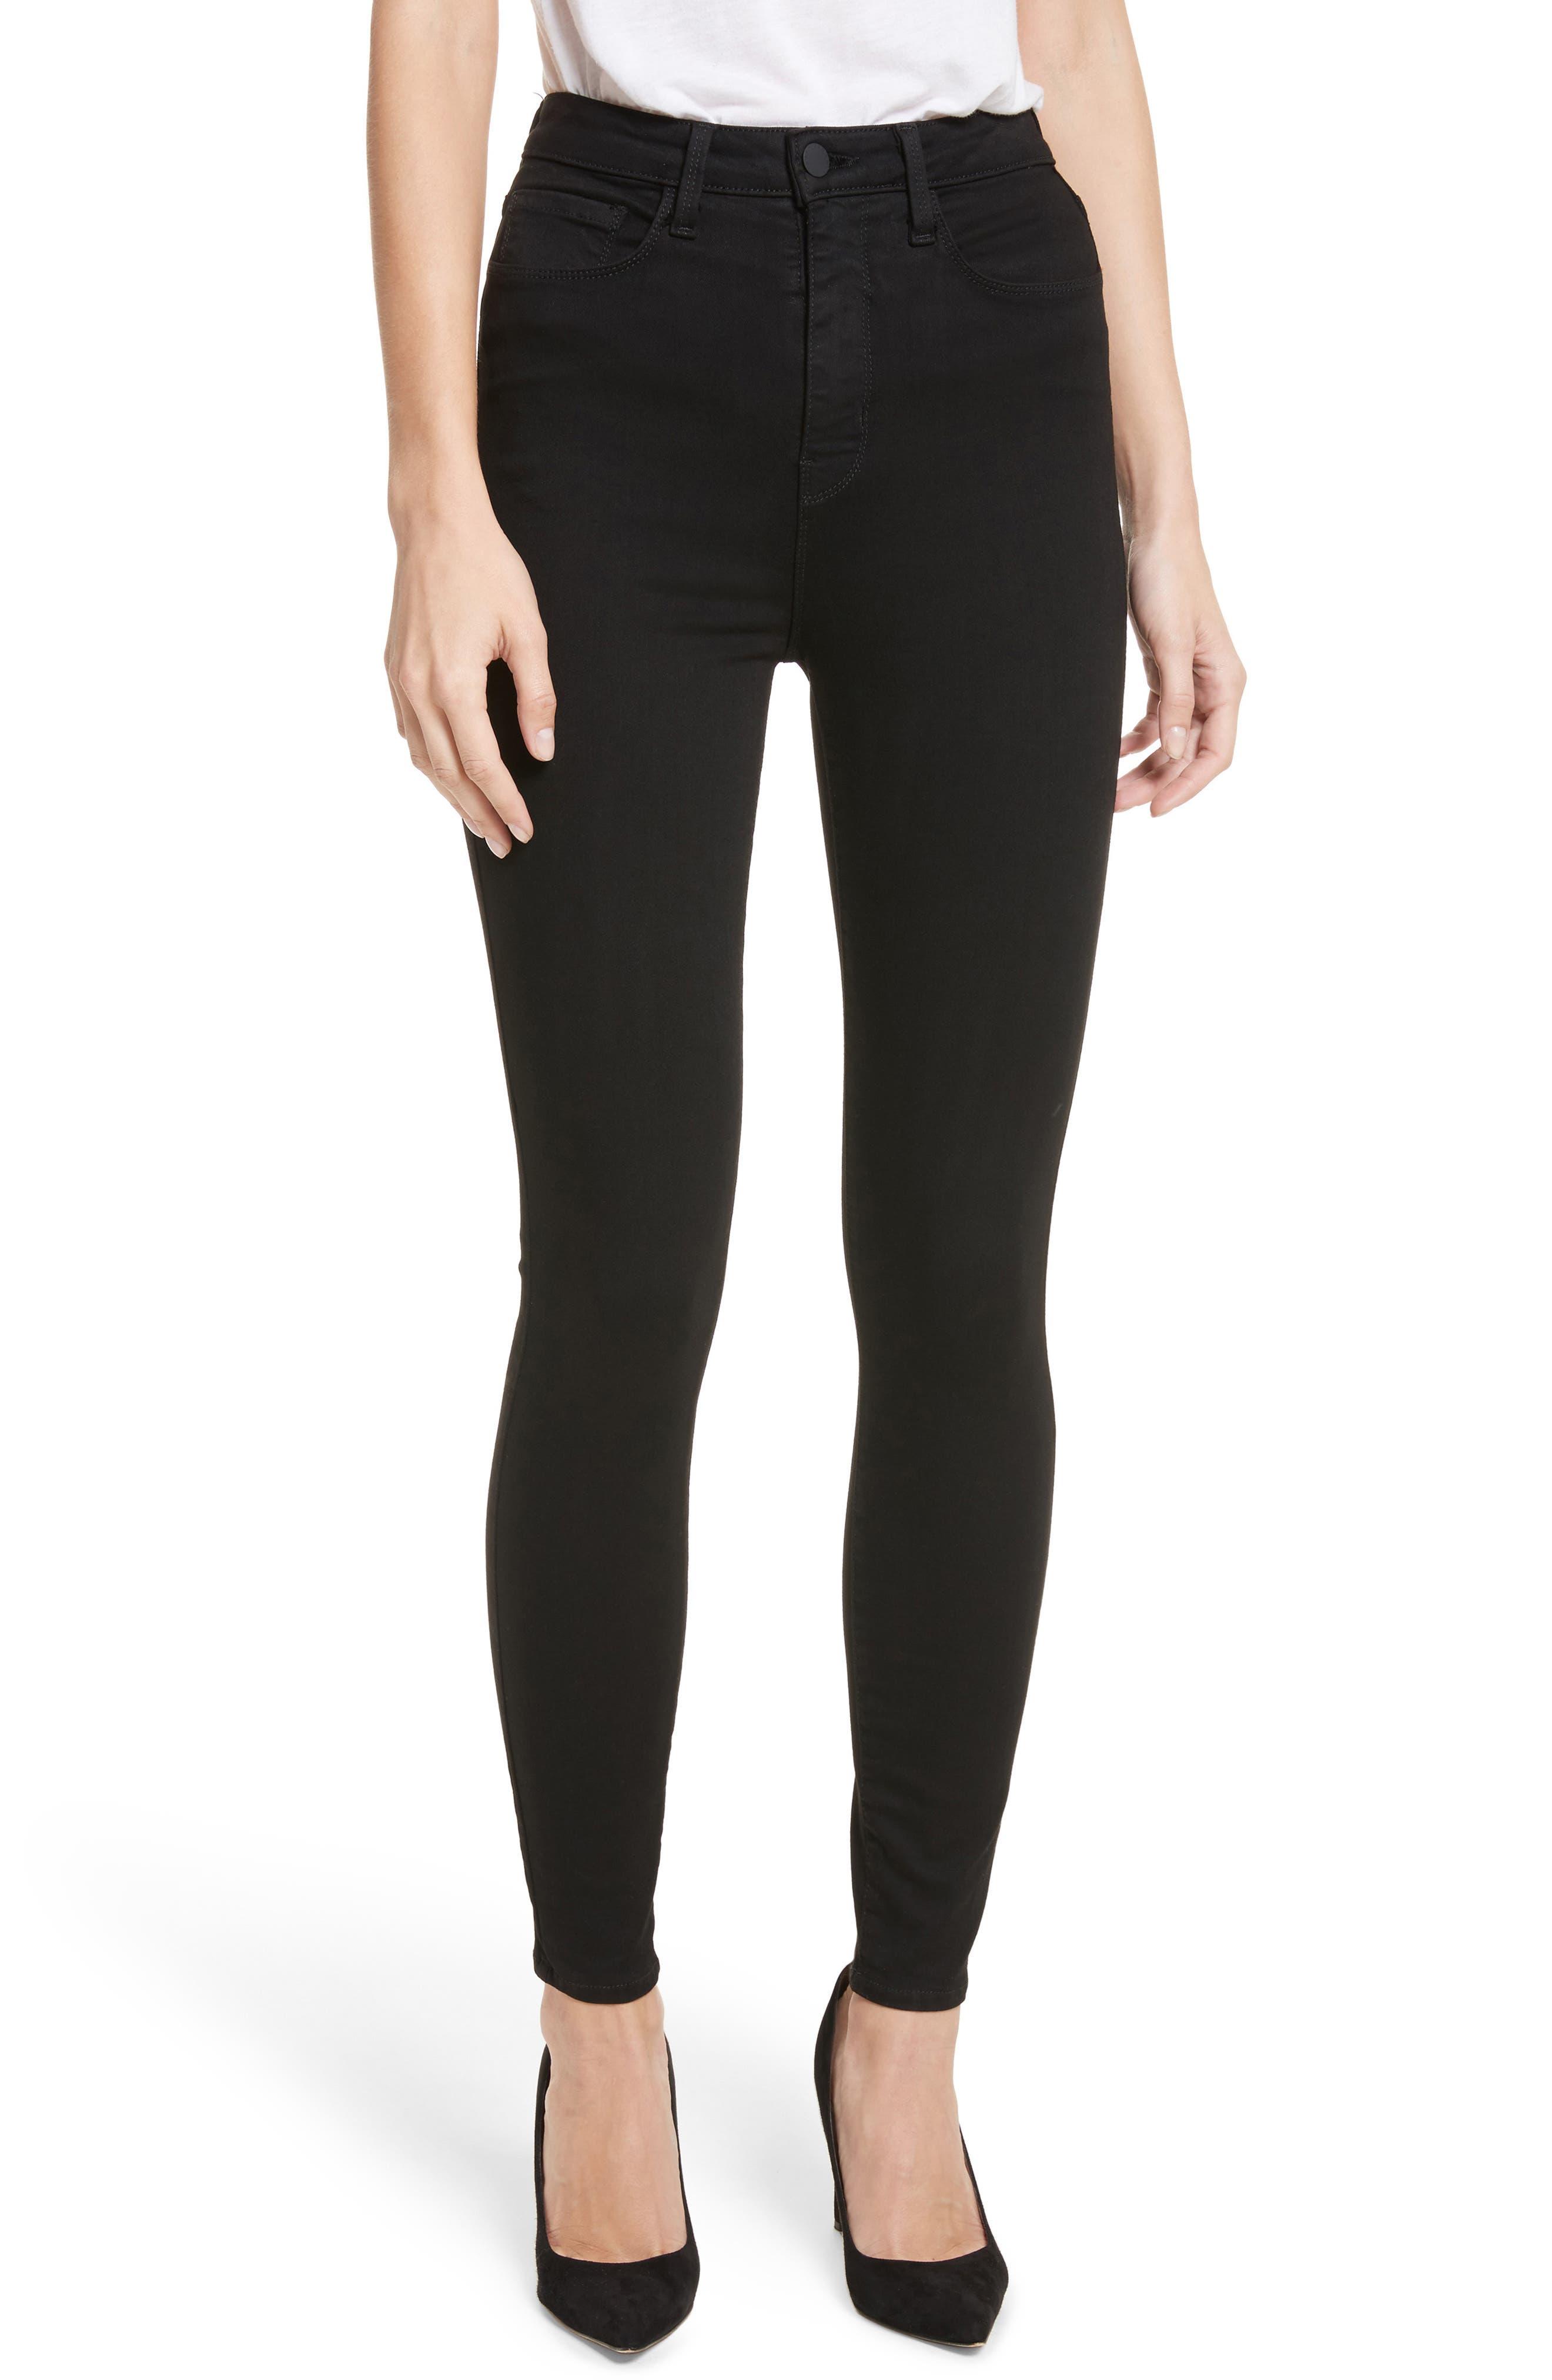 Katrina Ultra High Waist Skinny Jeans,                             Main thumbnail 1, color,                             Noir